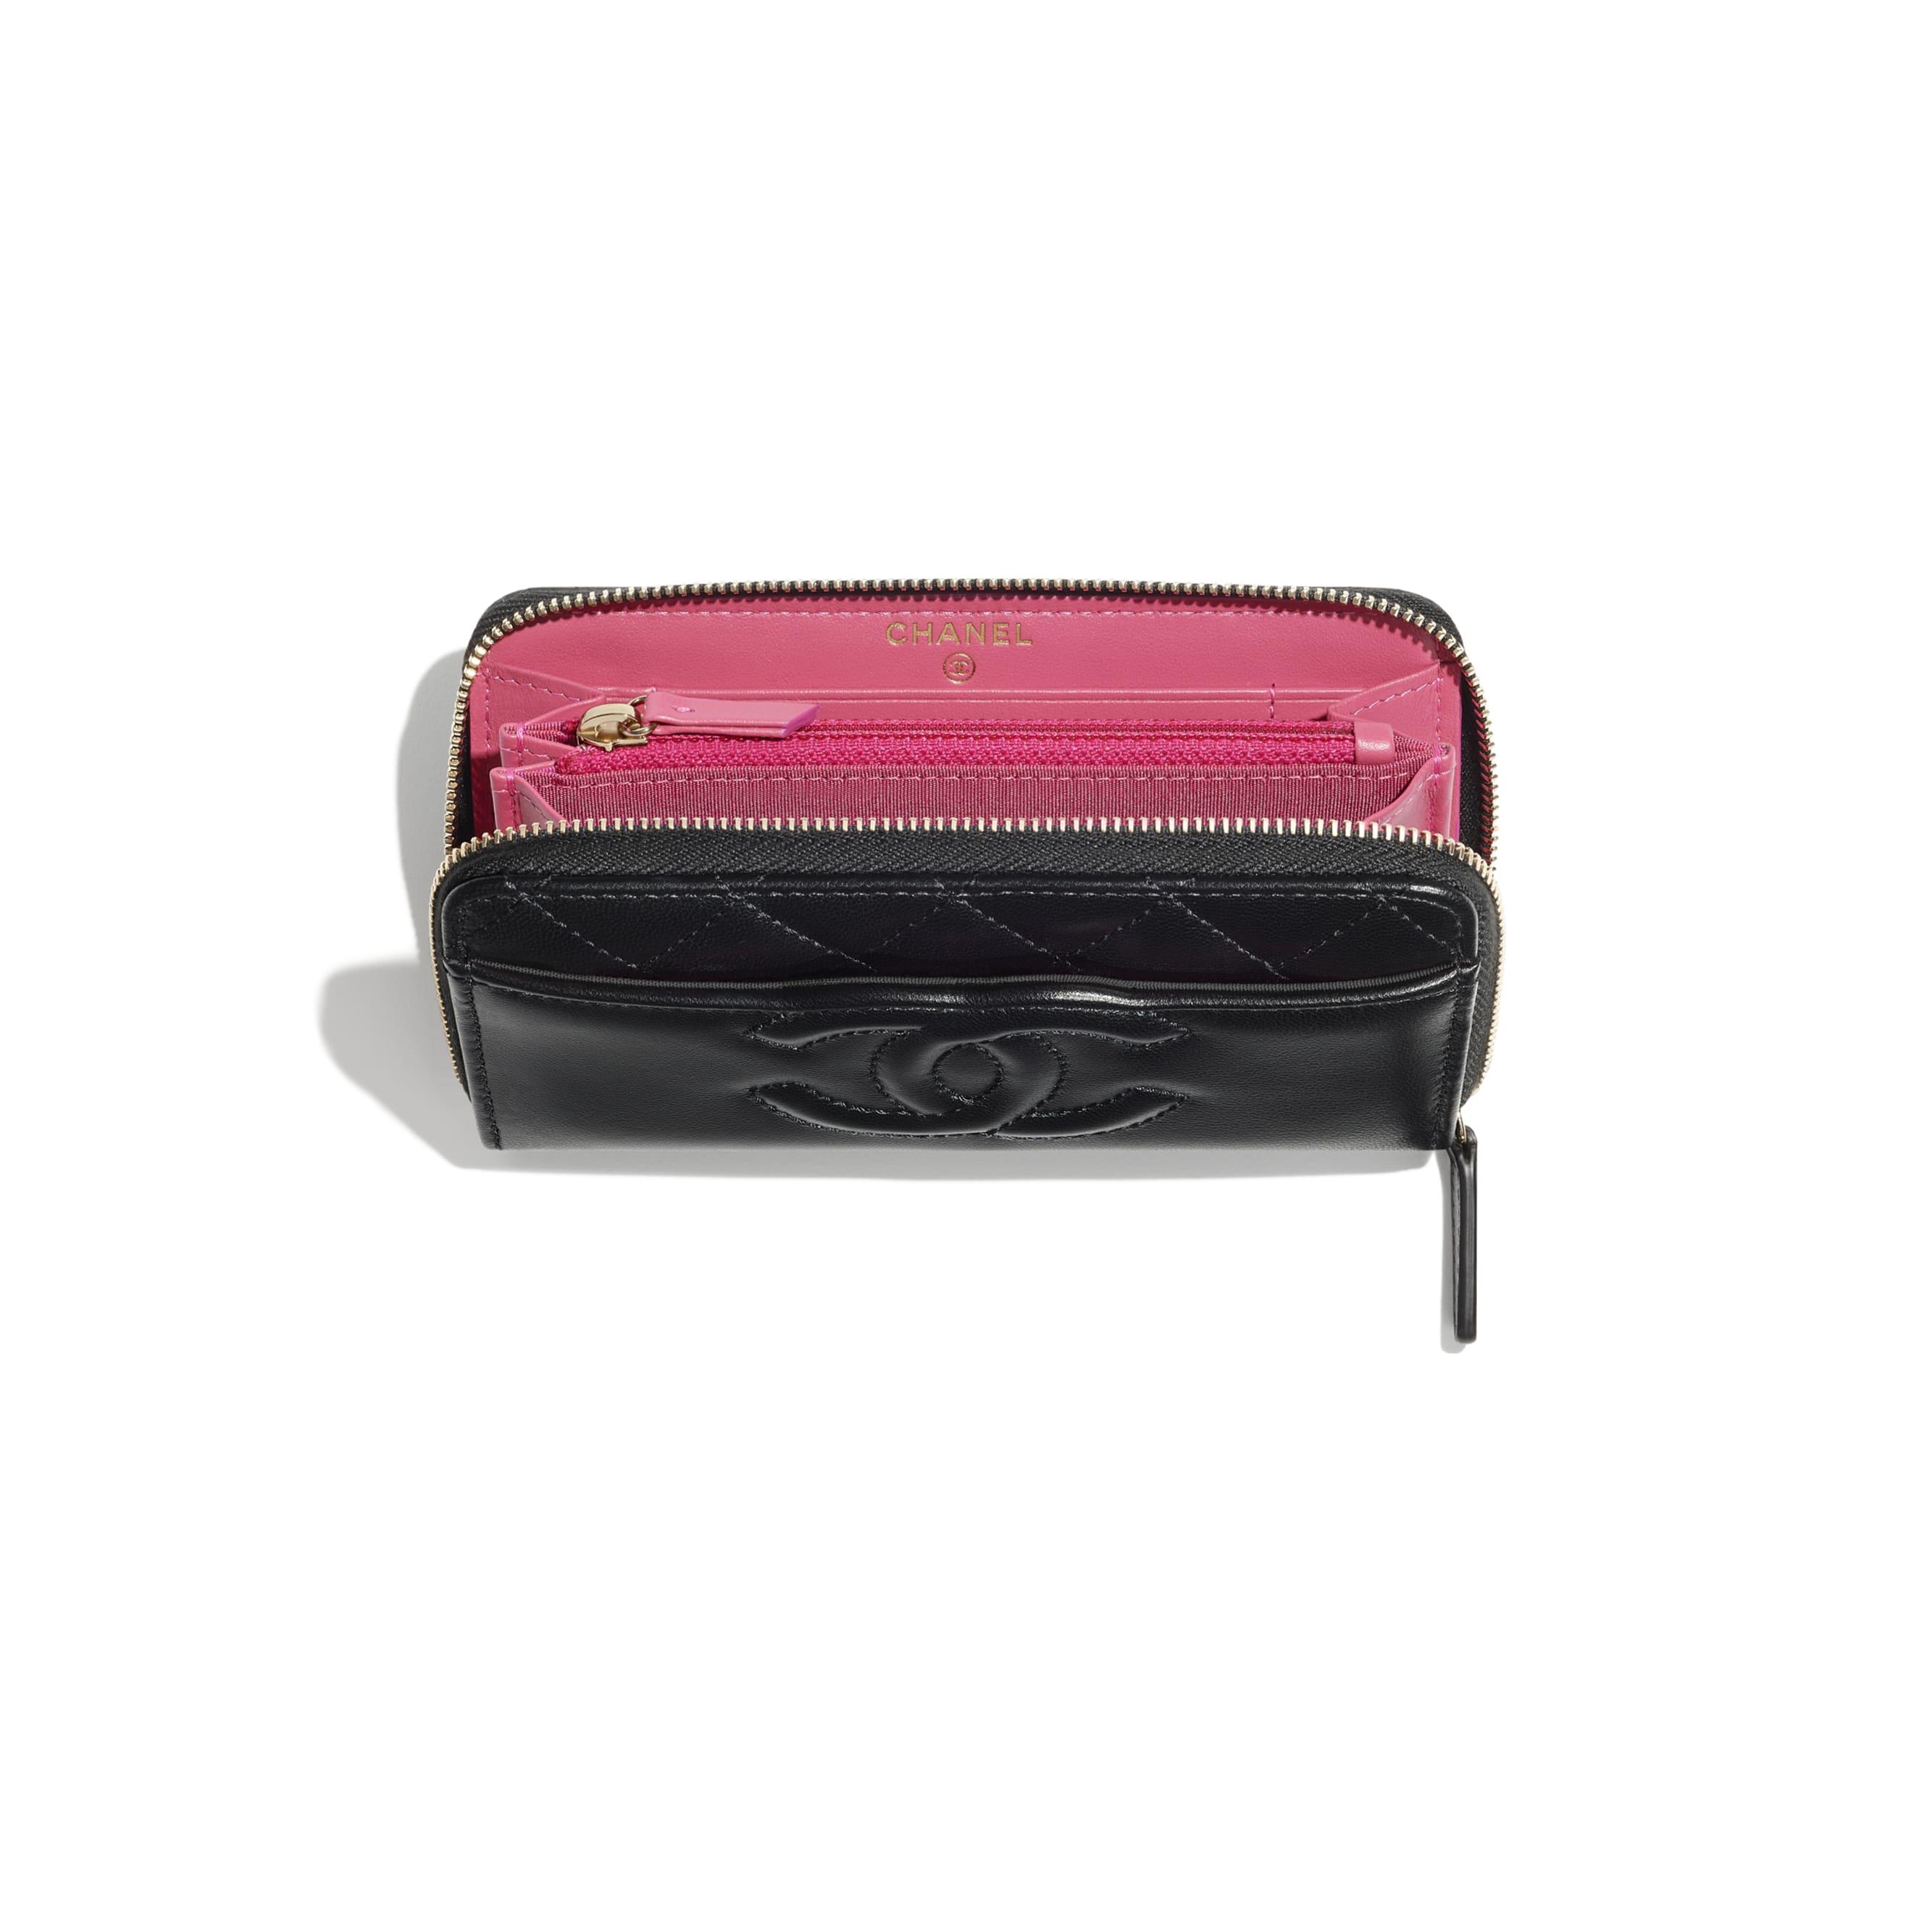 Brieftasche mit Reißverschluss - Schwarz - Ziegenleder & goldfarbenes Metall - CHANEL - Weitere Ansicht - Standardgröße anzeigen